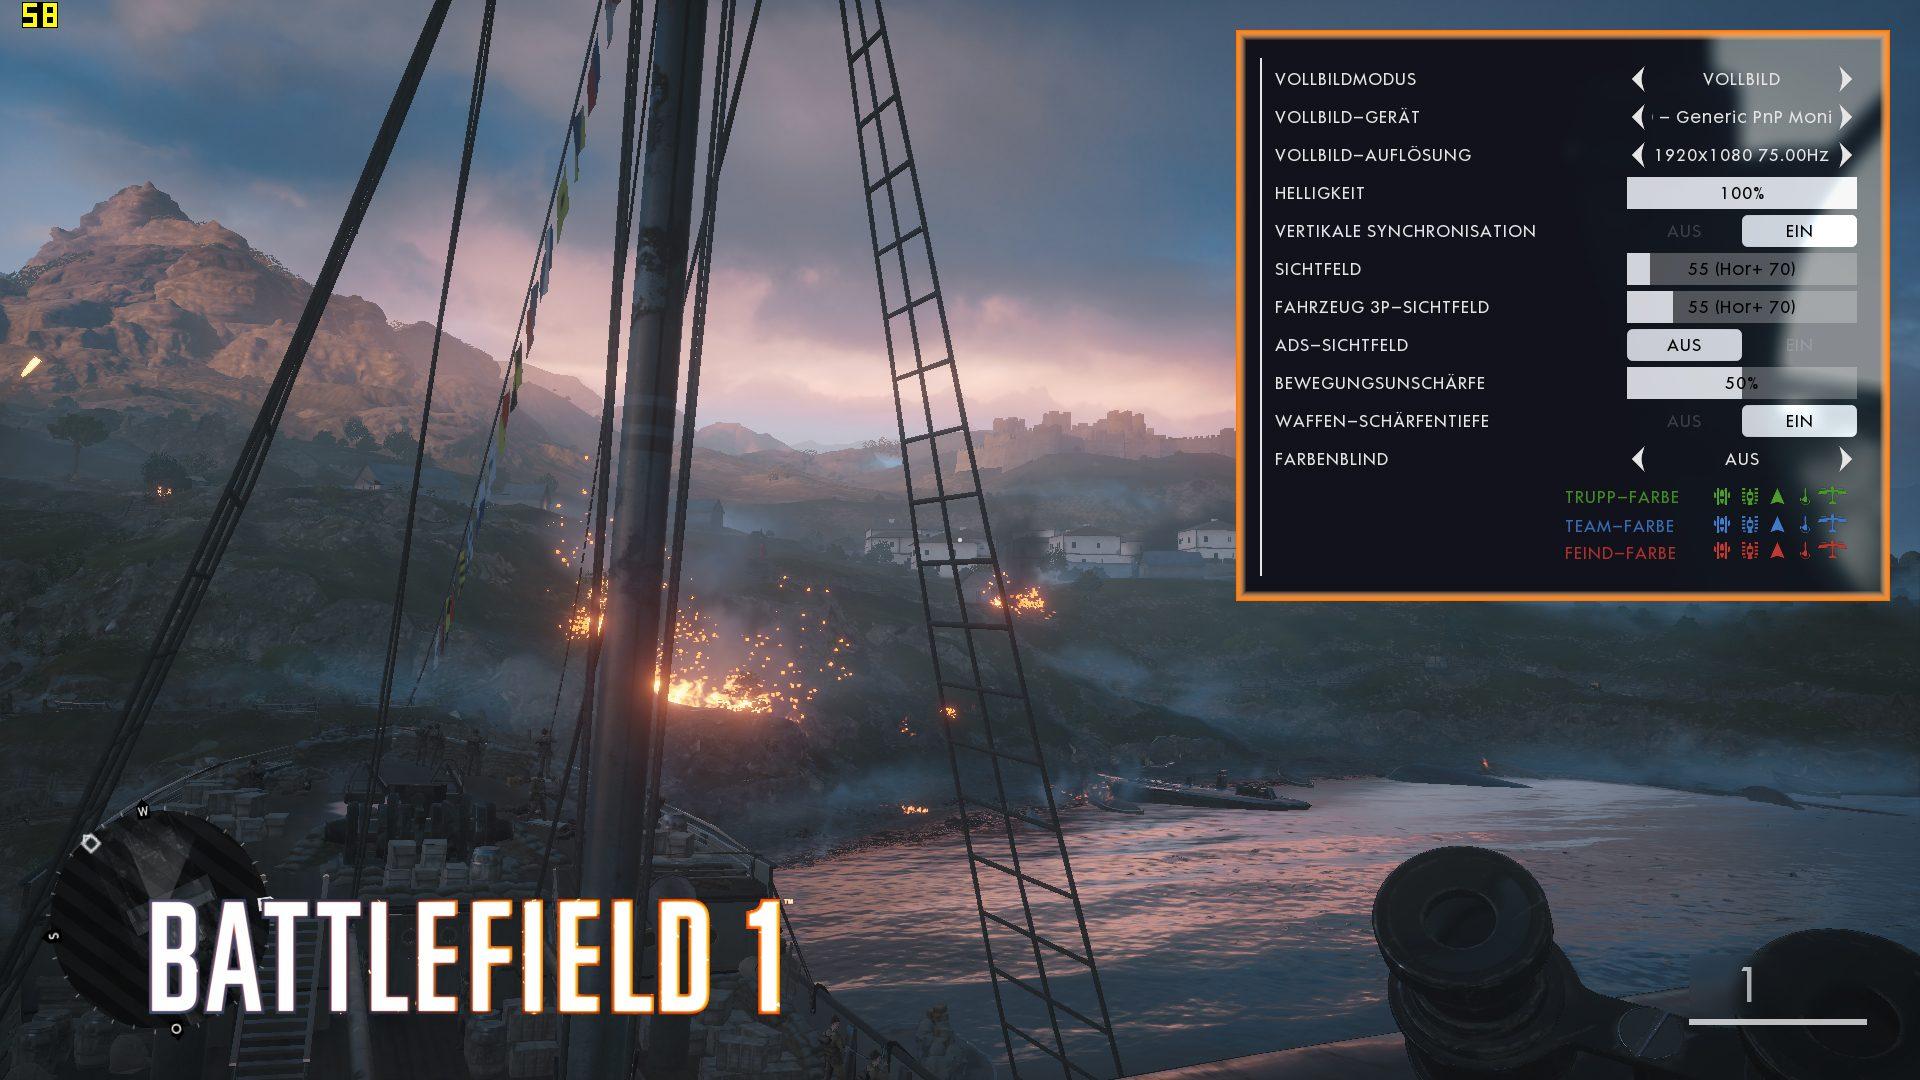 Asus-Zenbook-Battlefield-1-Display